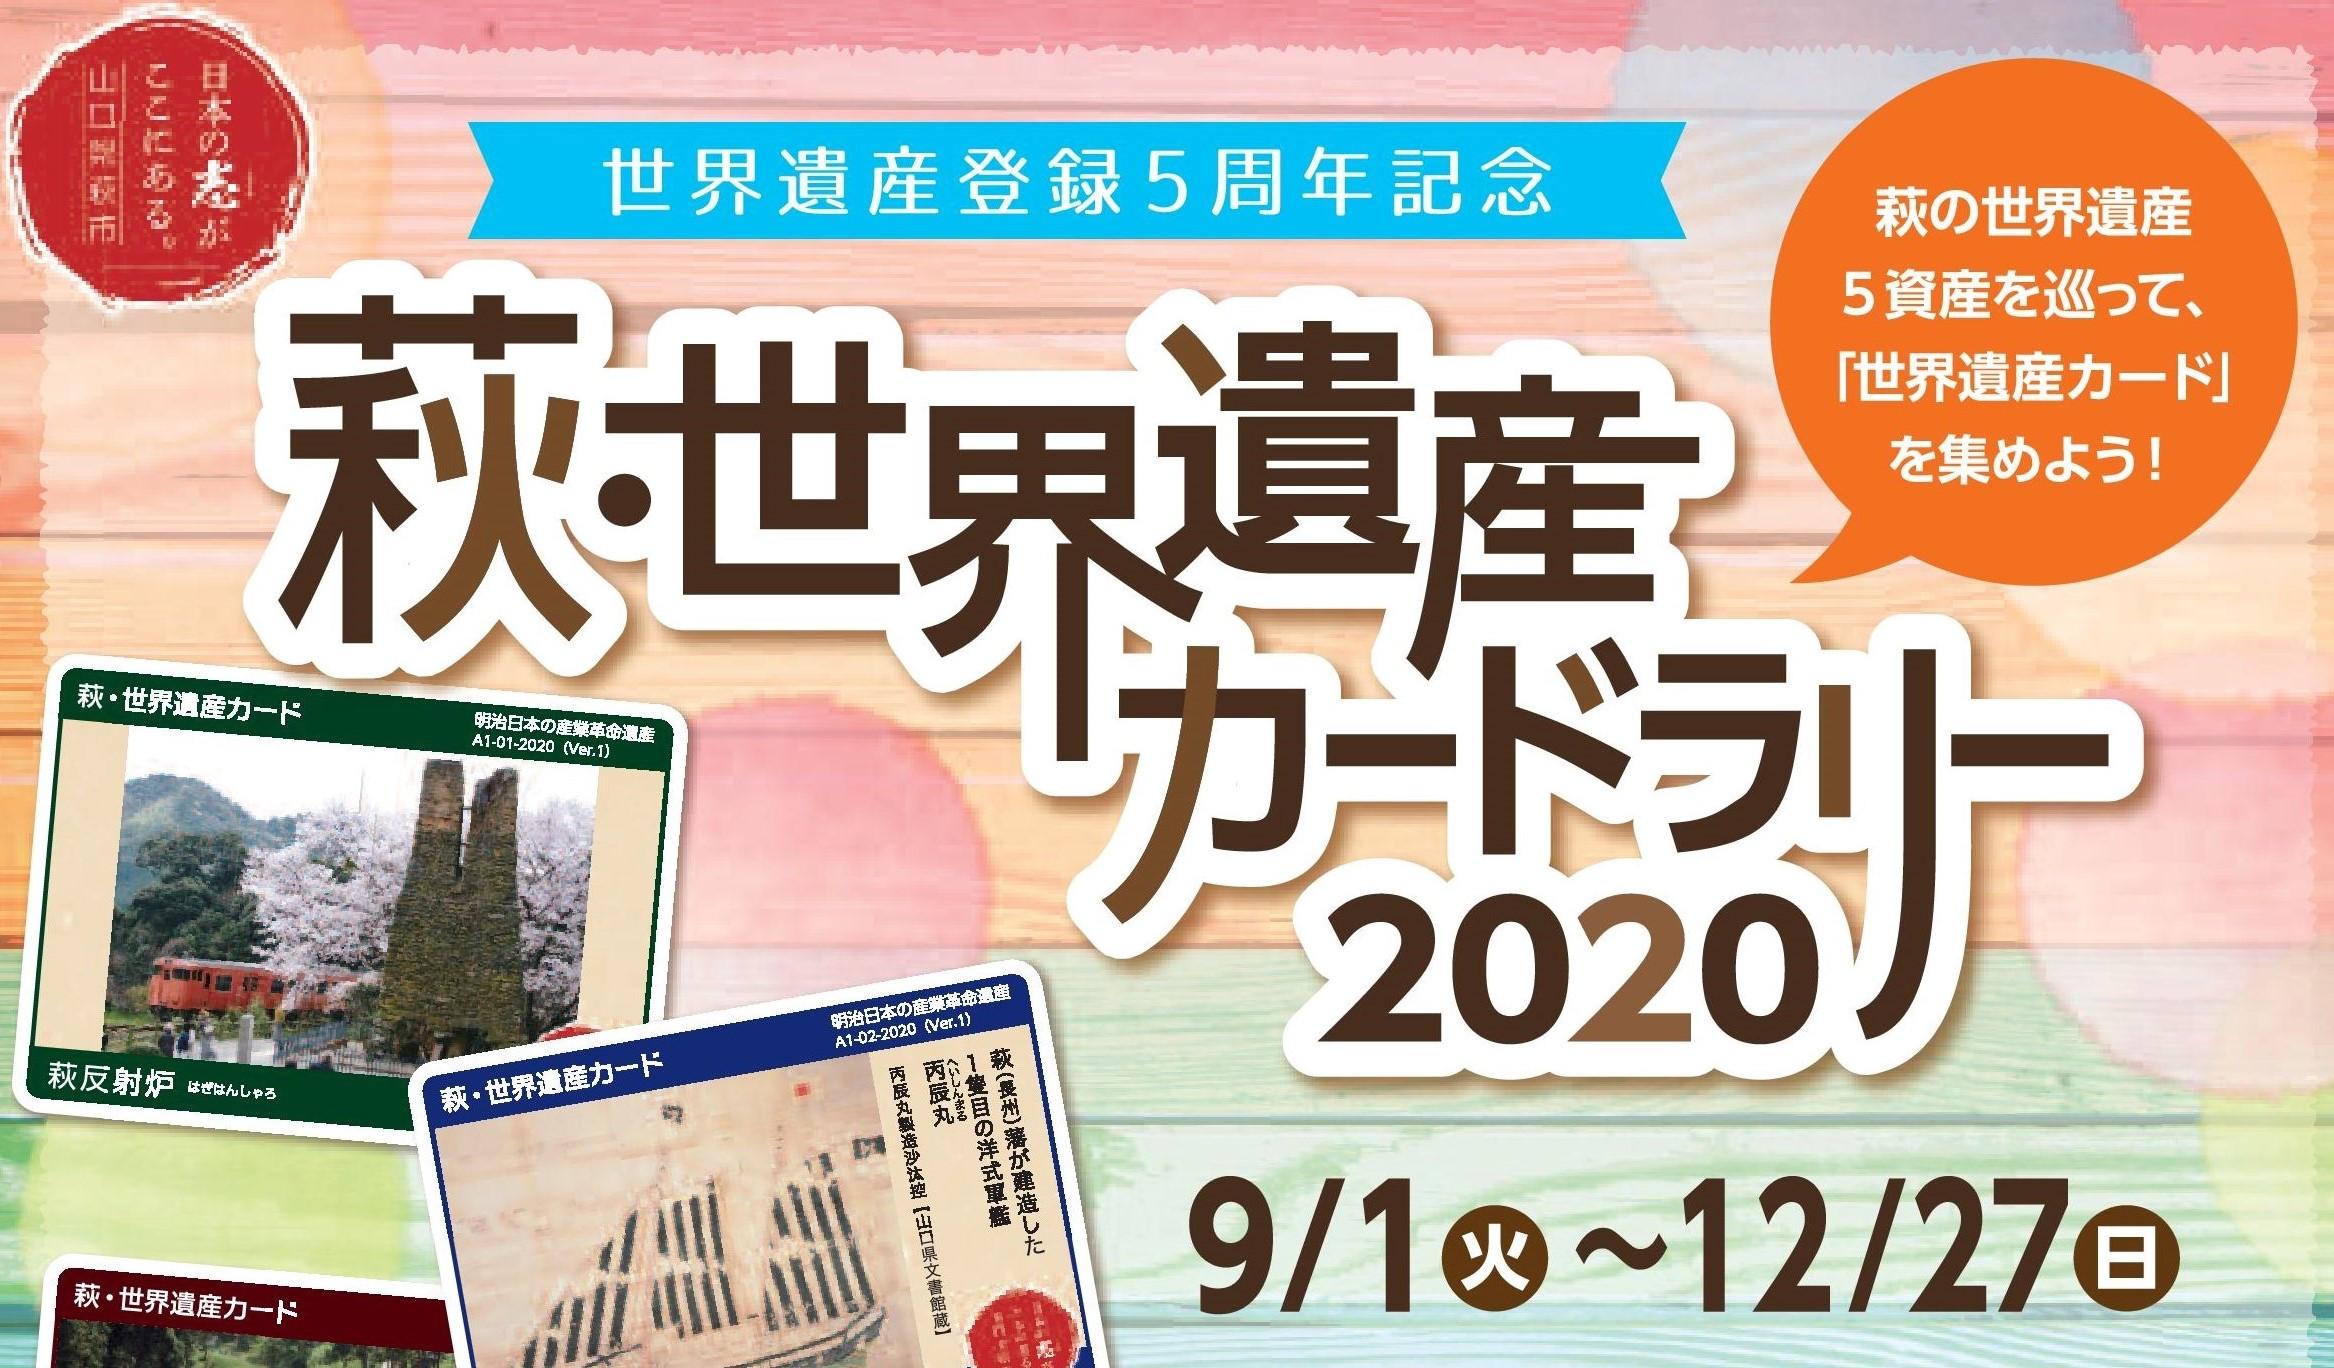 画像:世界遺産登録5周年!萩・世界遺産カードラリー2020